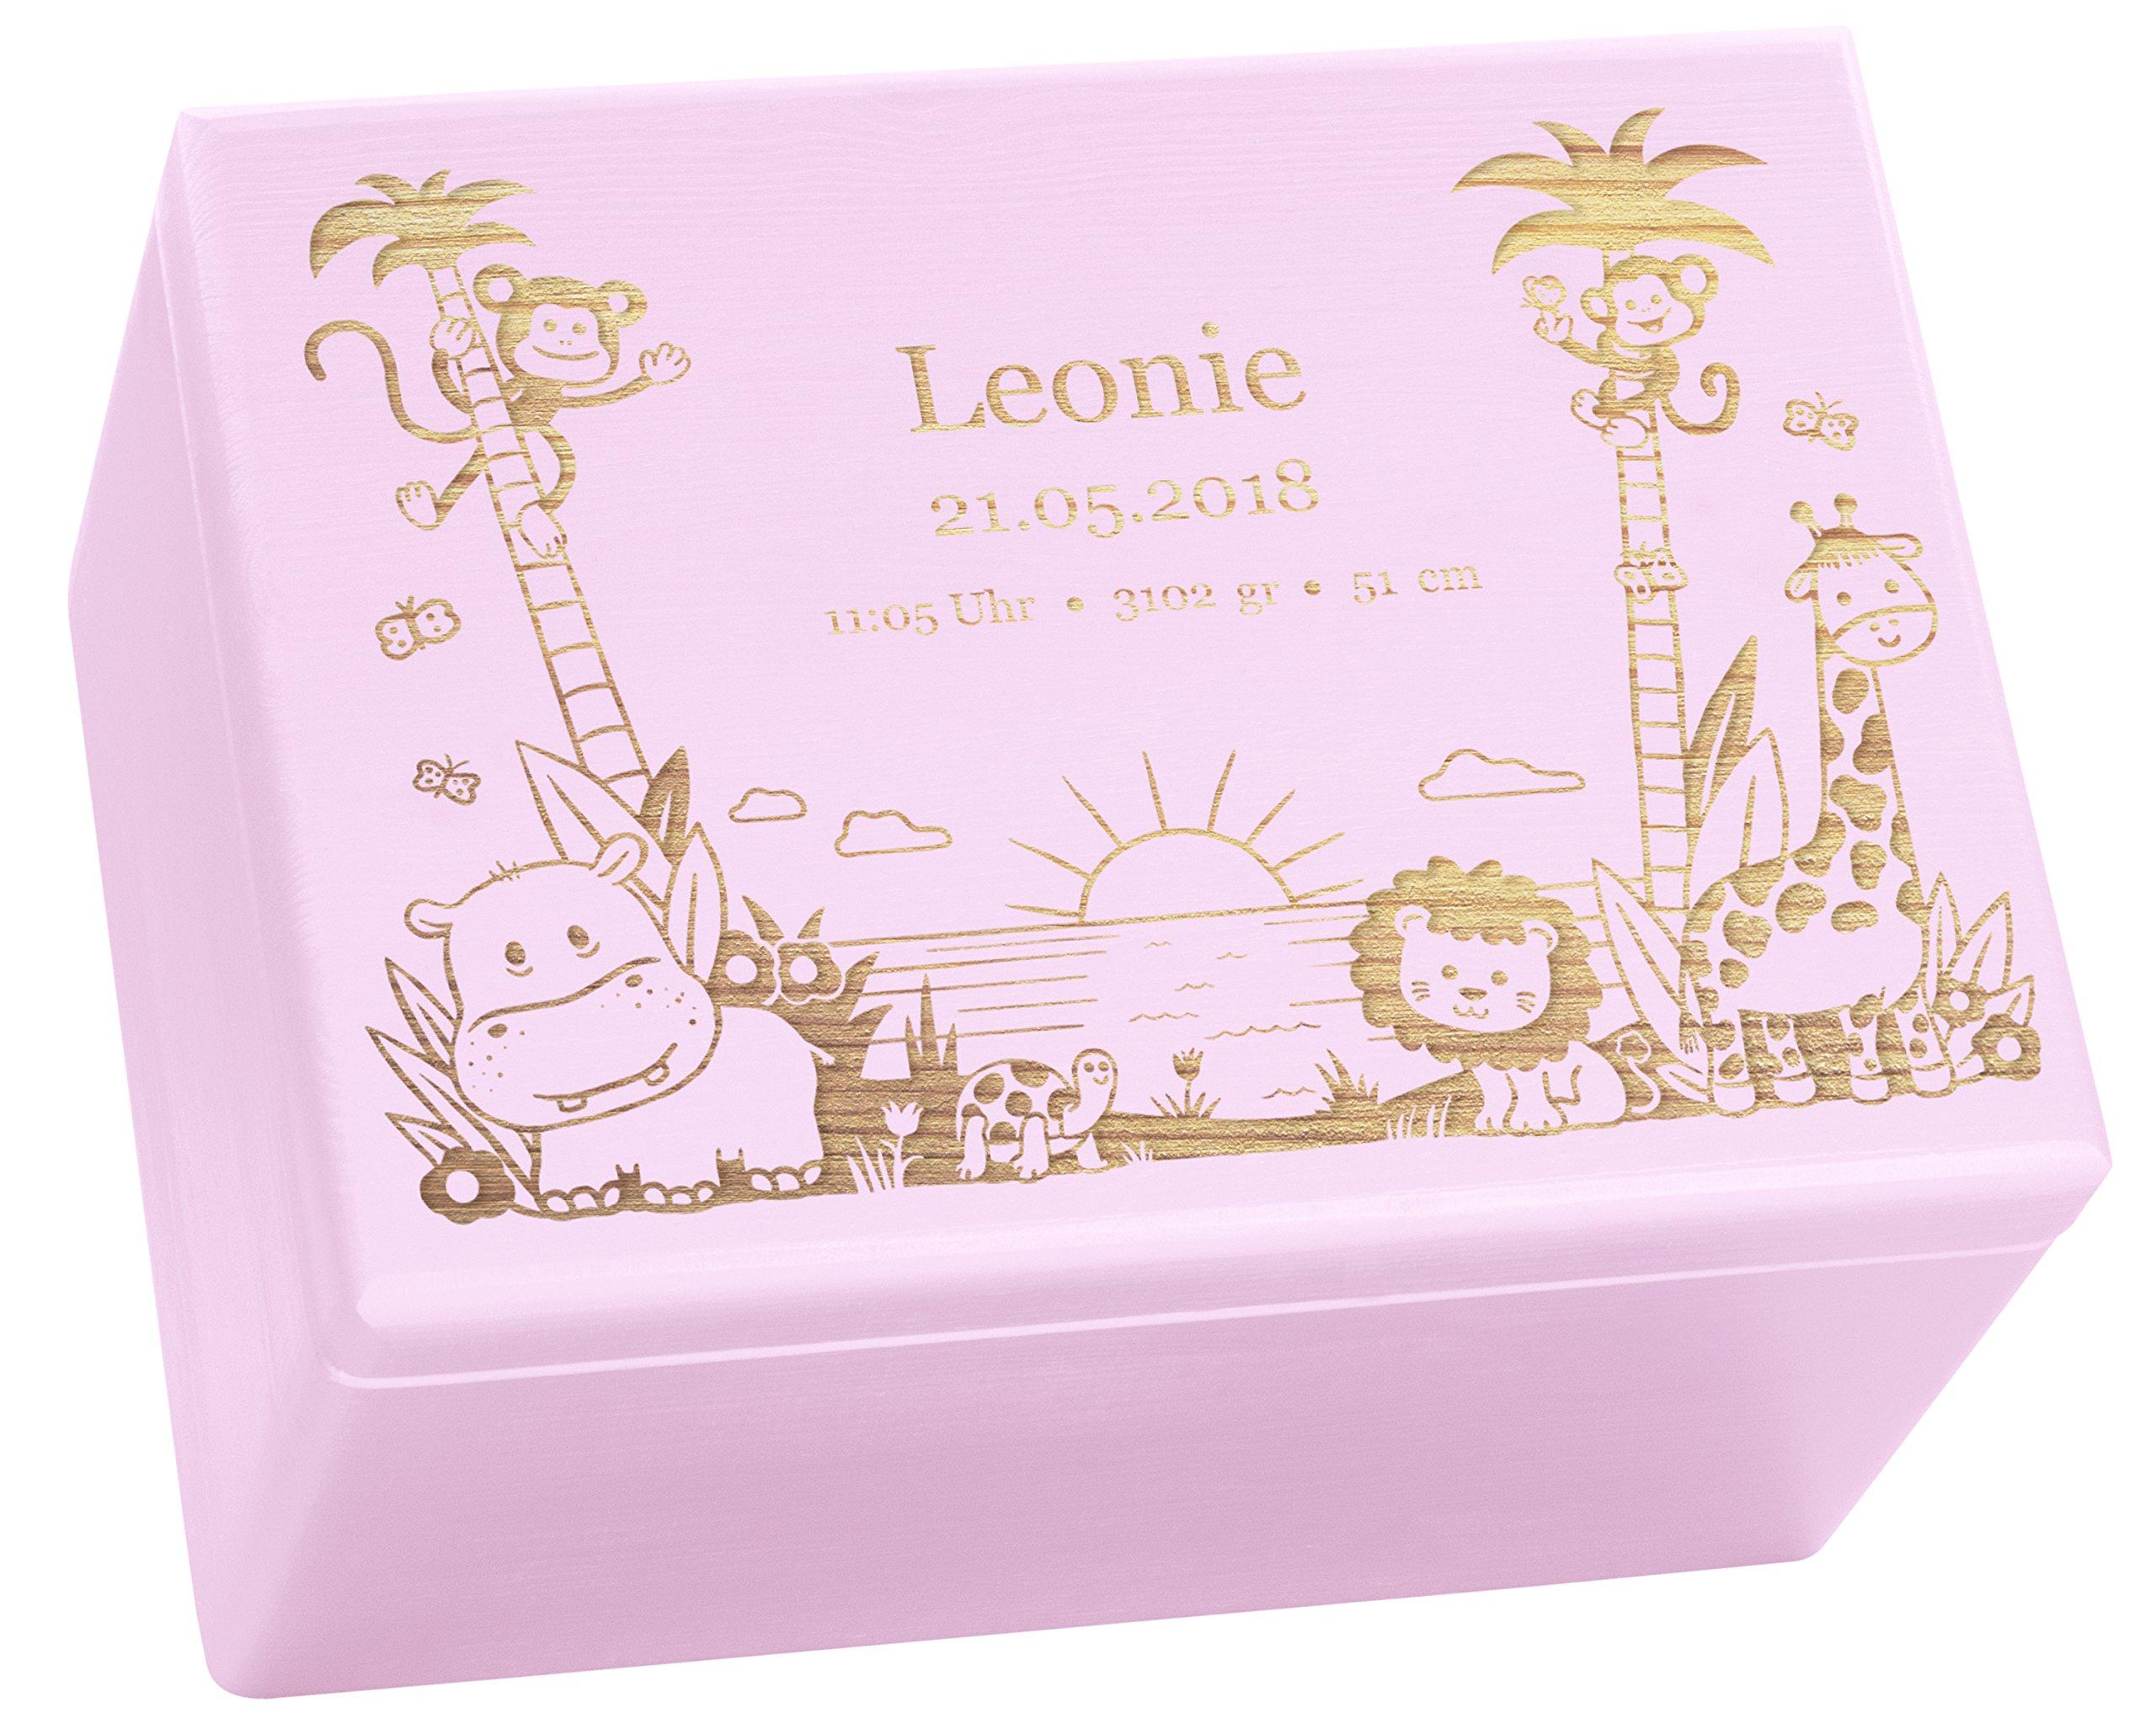 Holzkiste mit Gravur - Personalisiert mit ❤️ GEBURTSDATEN ❤️ - Rosa Größe XL - Dschungel Motiv - Erinnerungskiste als…